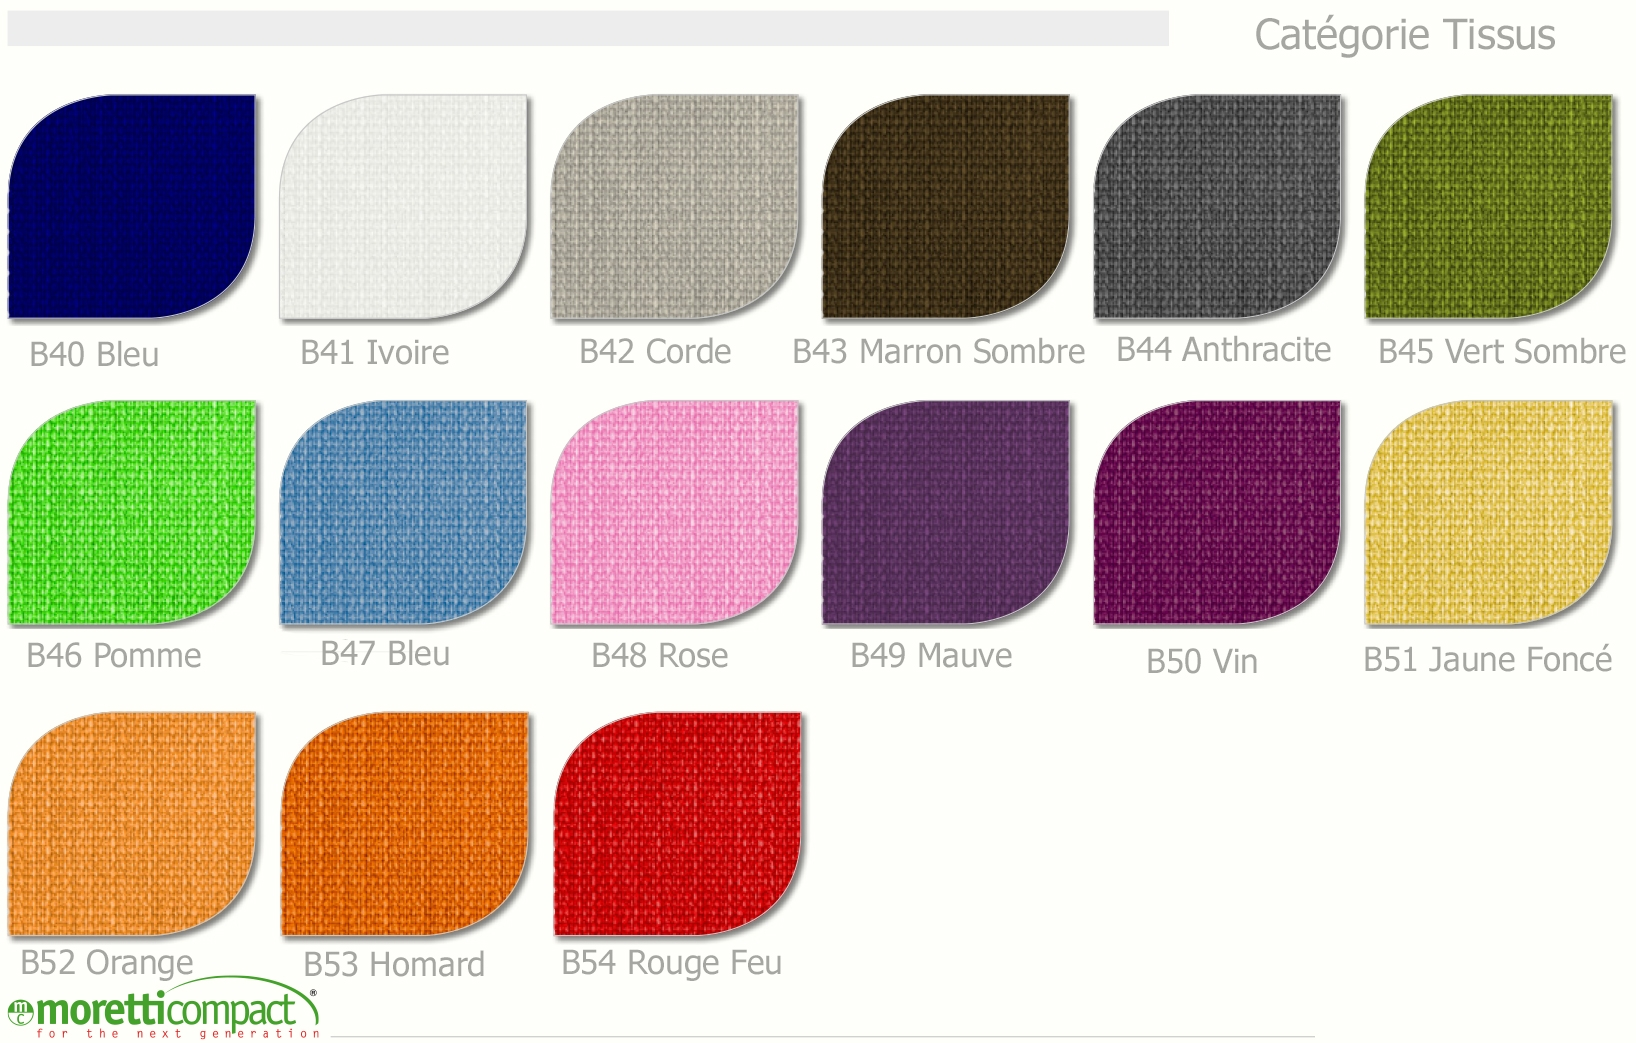 Lit Canapé design de couleur corde en tissu  MORETTI COMPACT   SO NUIT